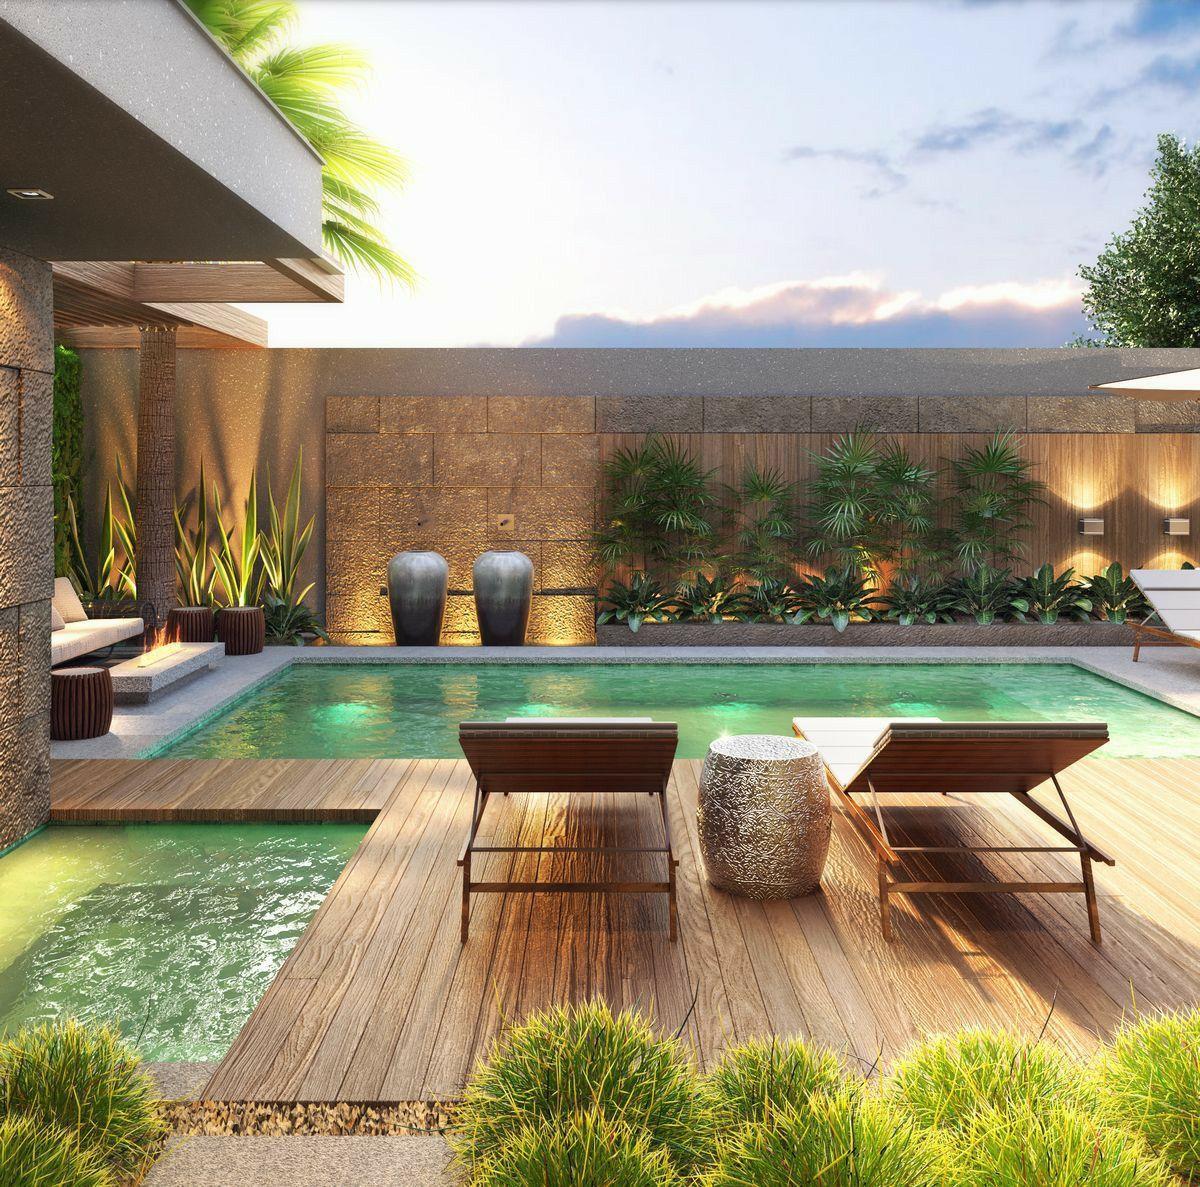 A Beautiful Backyard Swimming Pool. #pool #swimming Pool